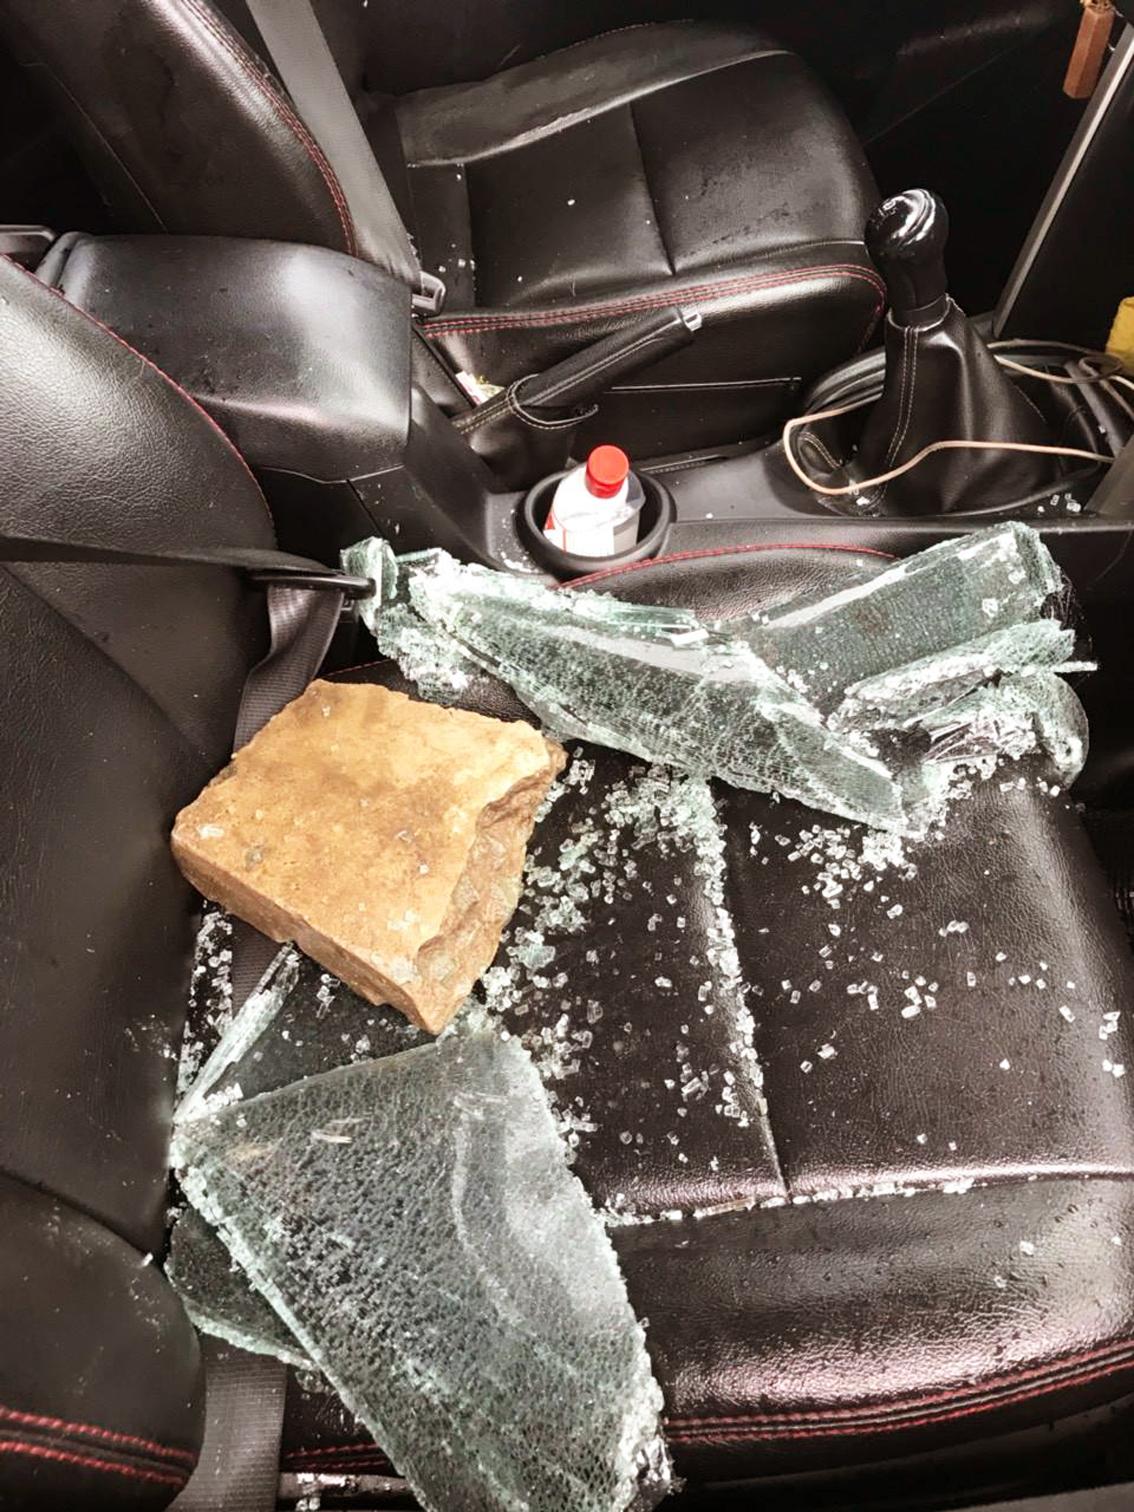 Chiếc xe chở chị N. và con gái bị đập nát cửa kính